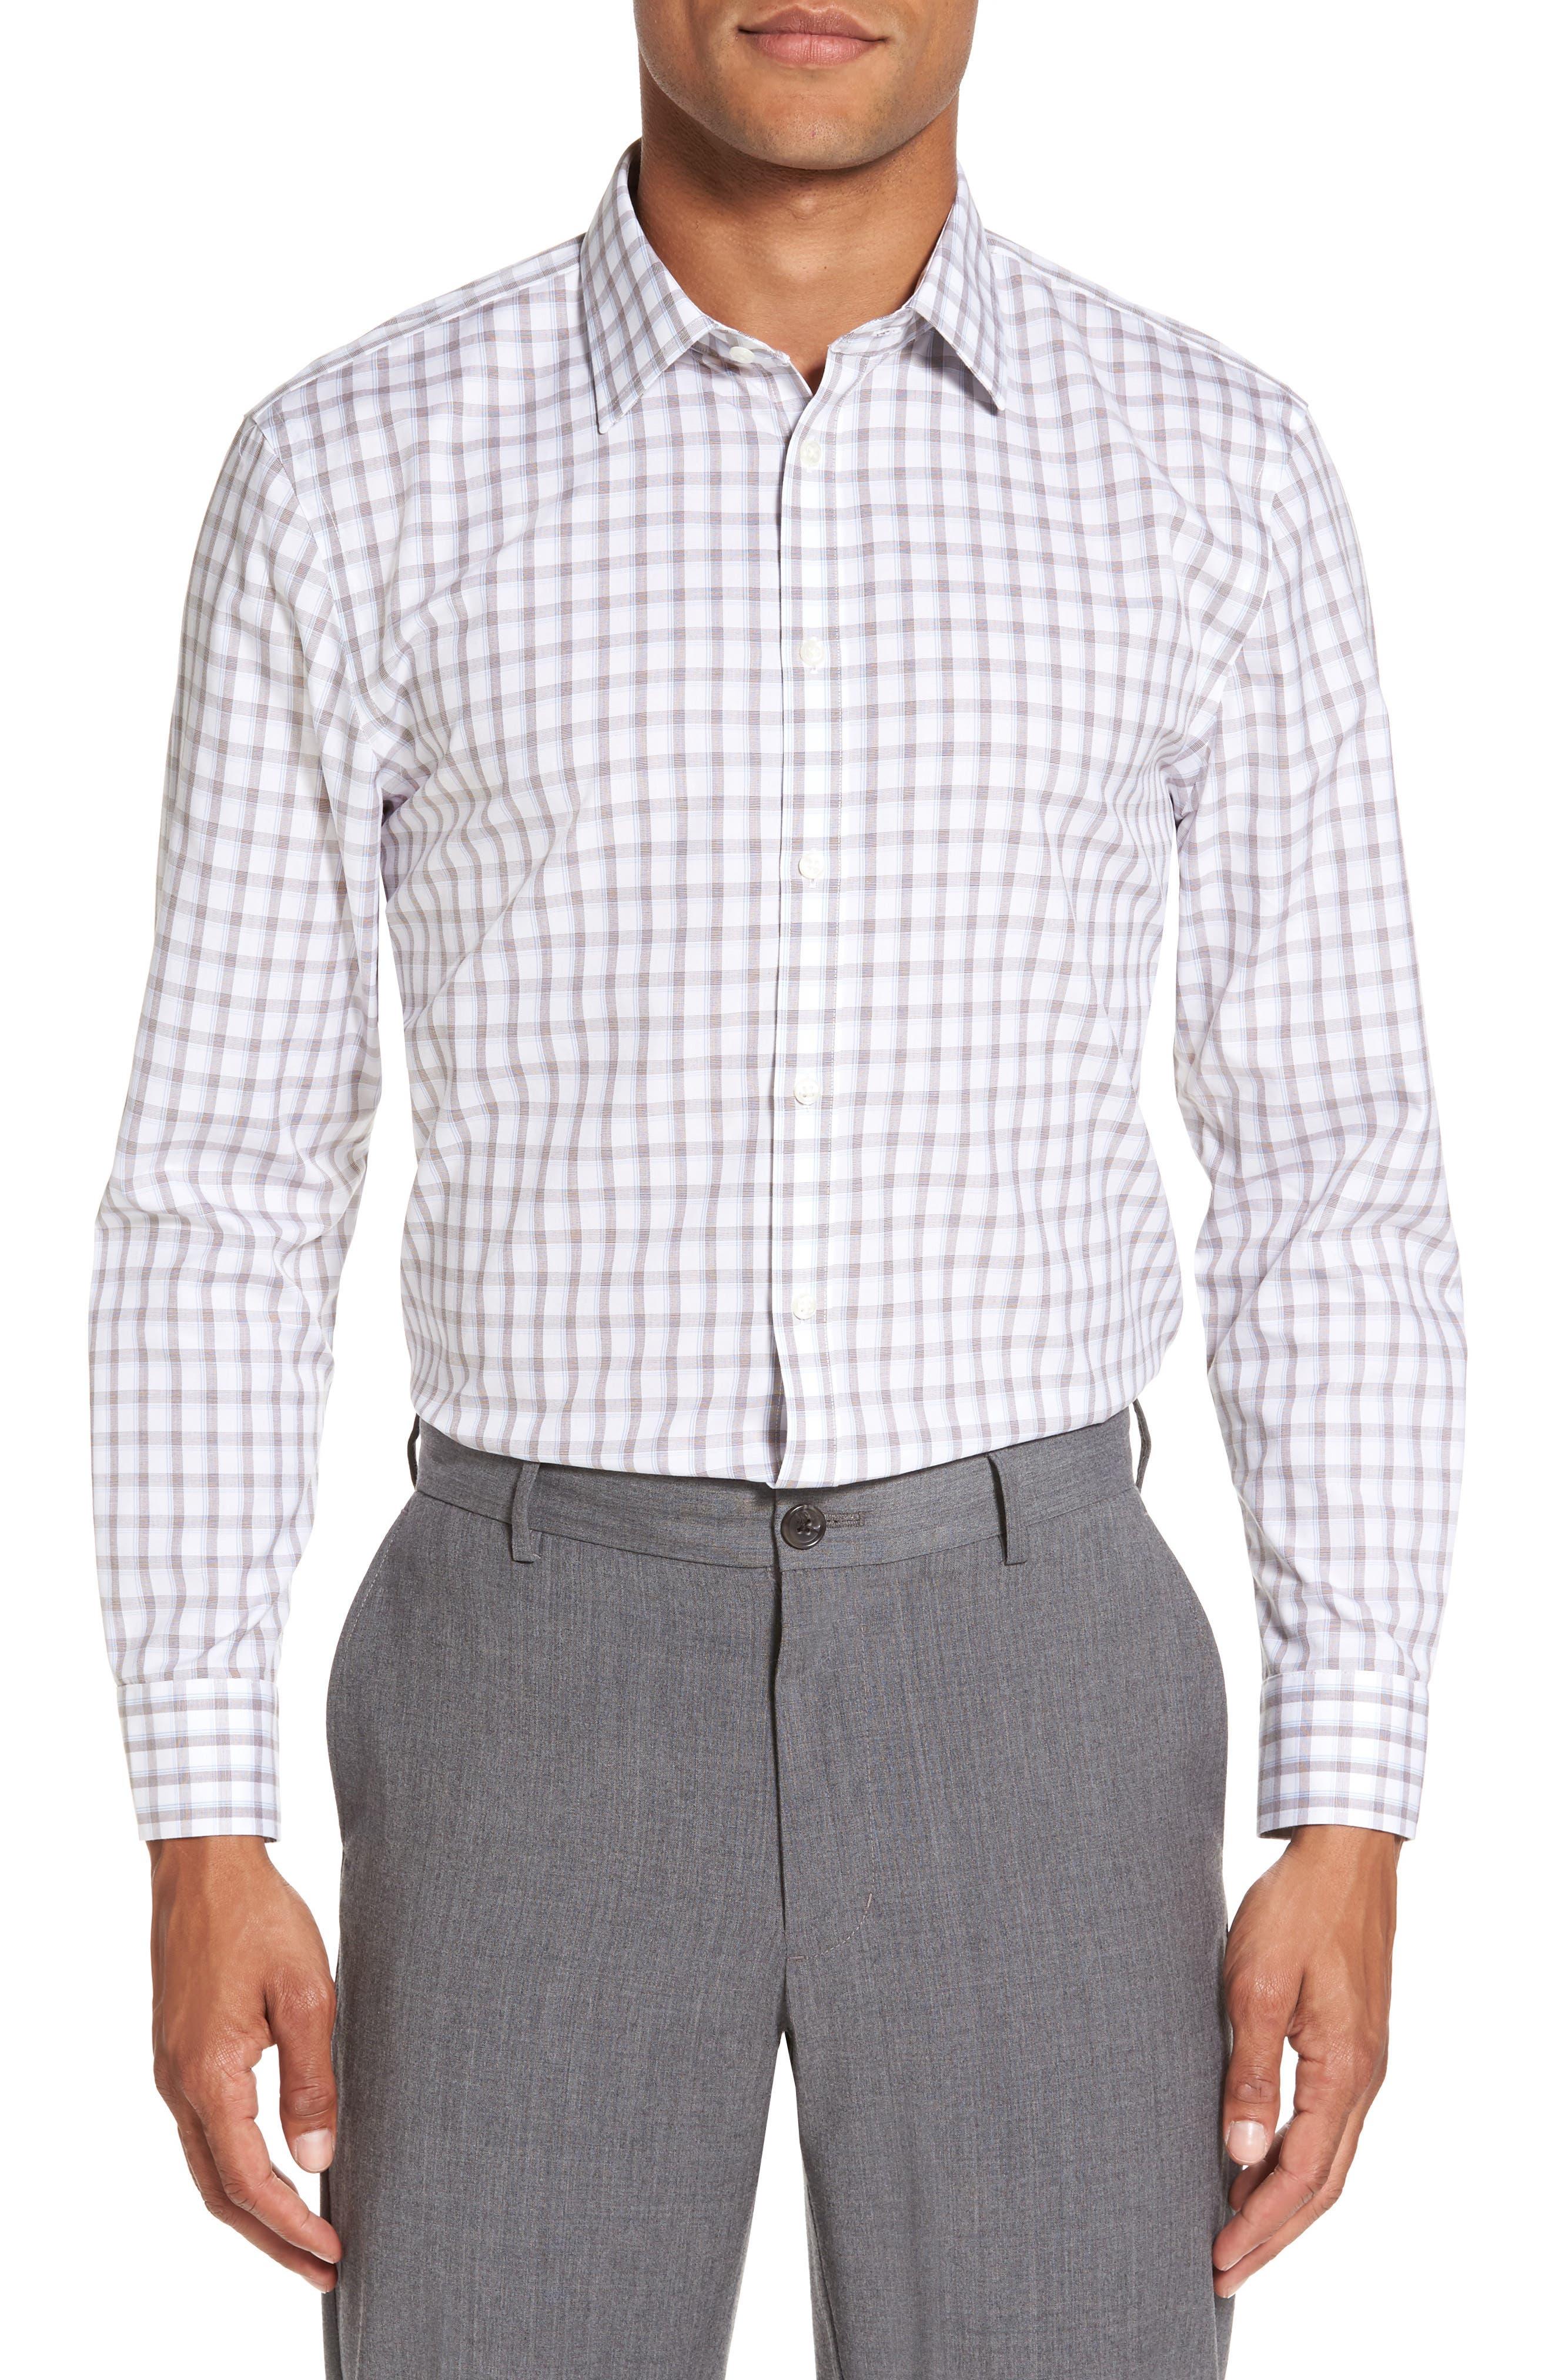 Smartcare<sup>™</sup> Extra Trim Fit Plaid Dress Shirt,                             Main thumbnail 1, color,                             210